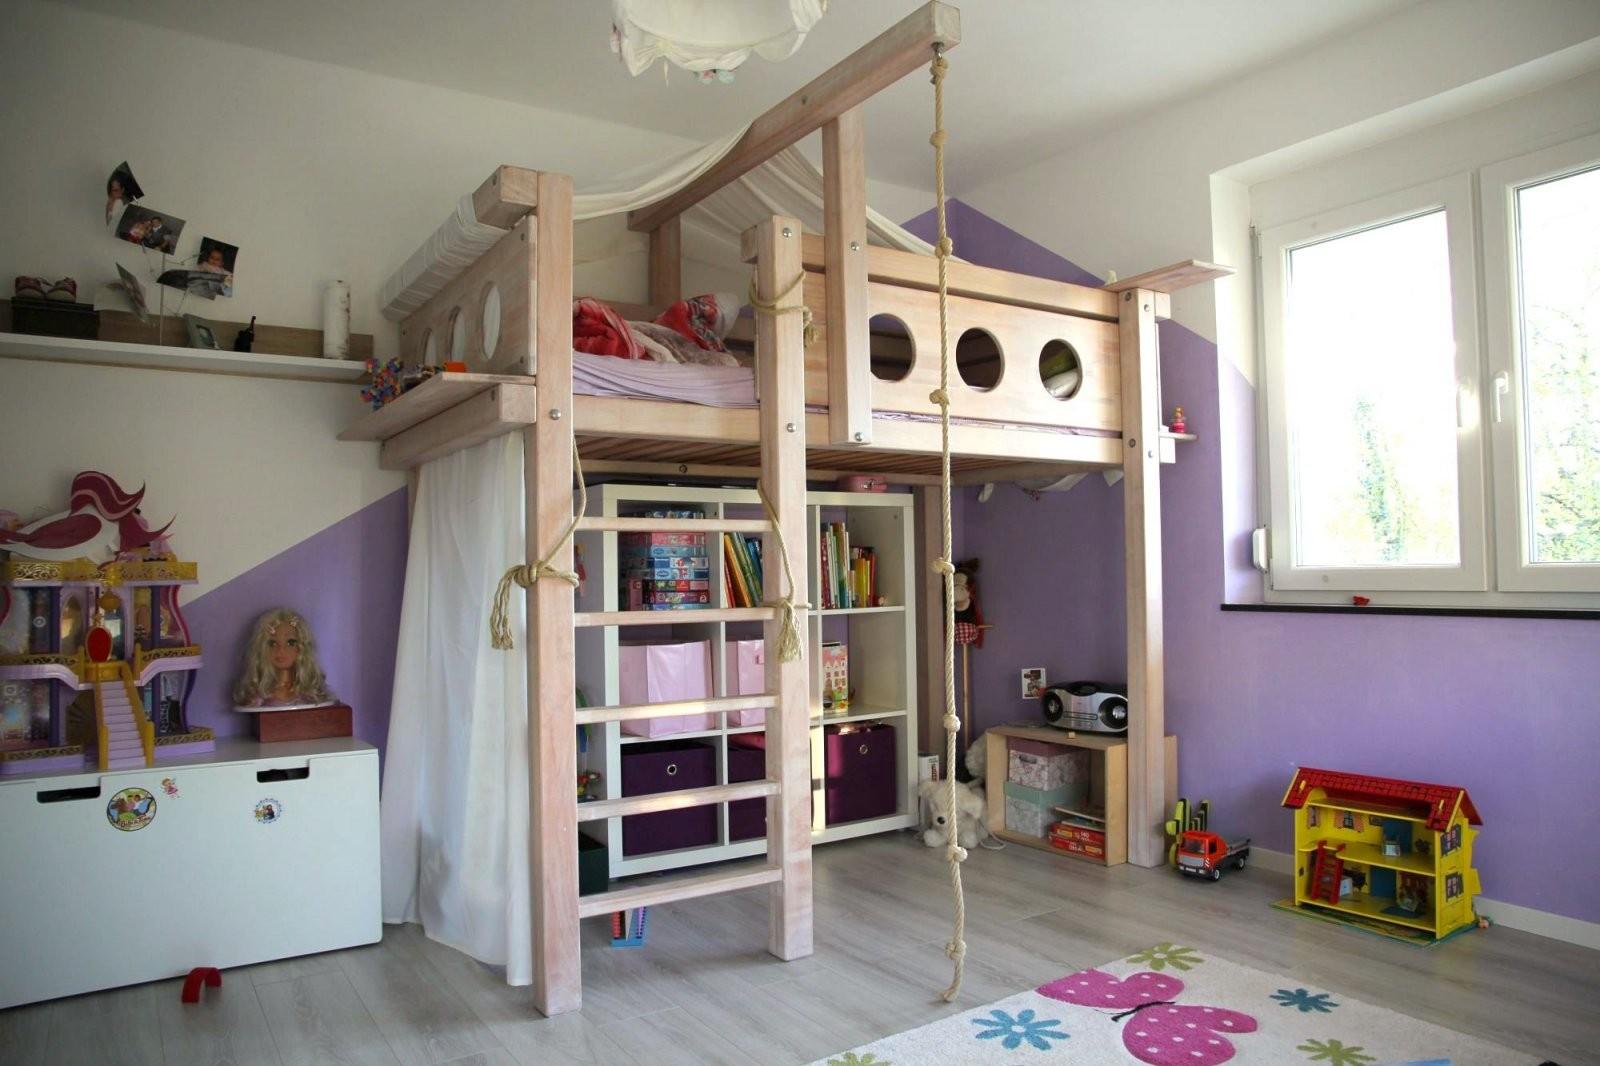 Hochbett Selbst Gebaut  Bauanleitung Für Ein Massives Hochbett von Hochbett Für Kinder Selber Bauen Bild